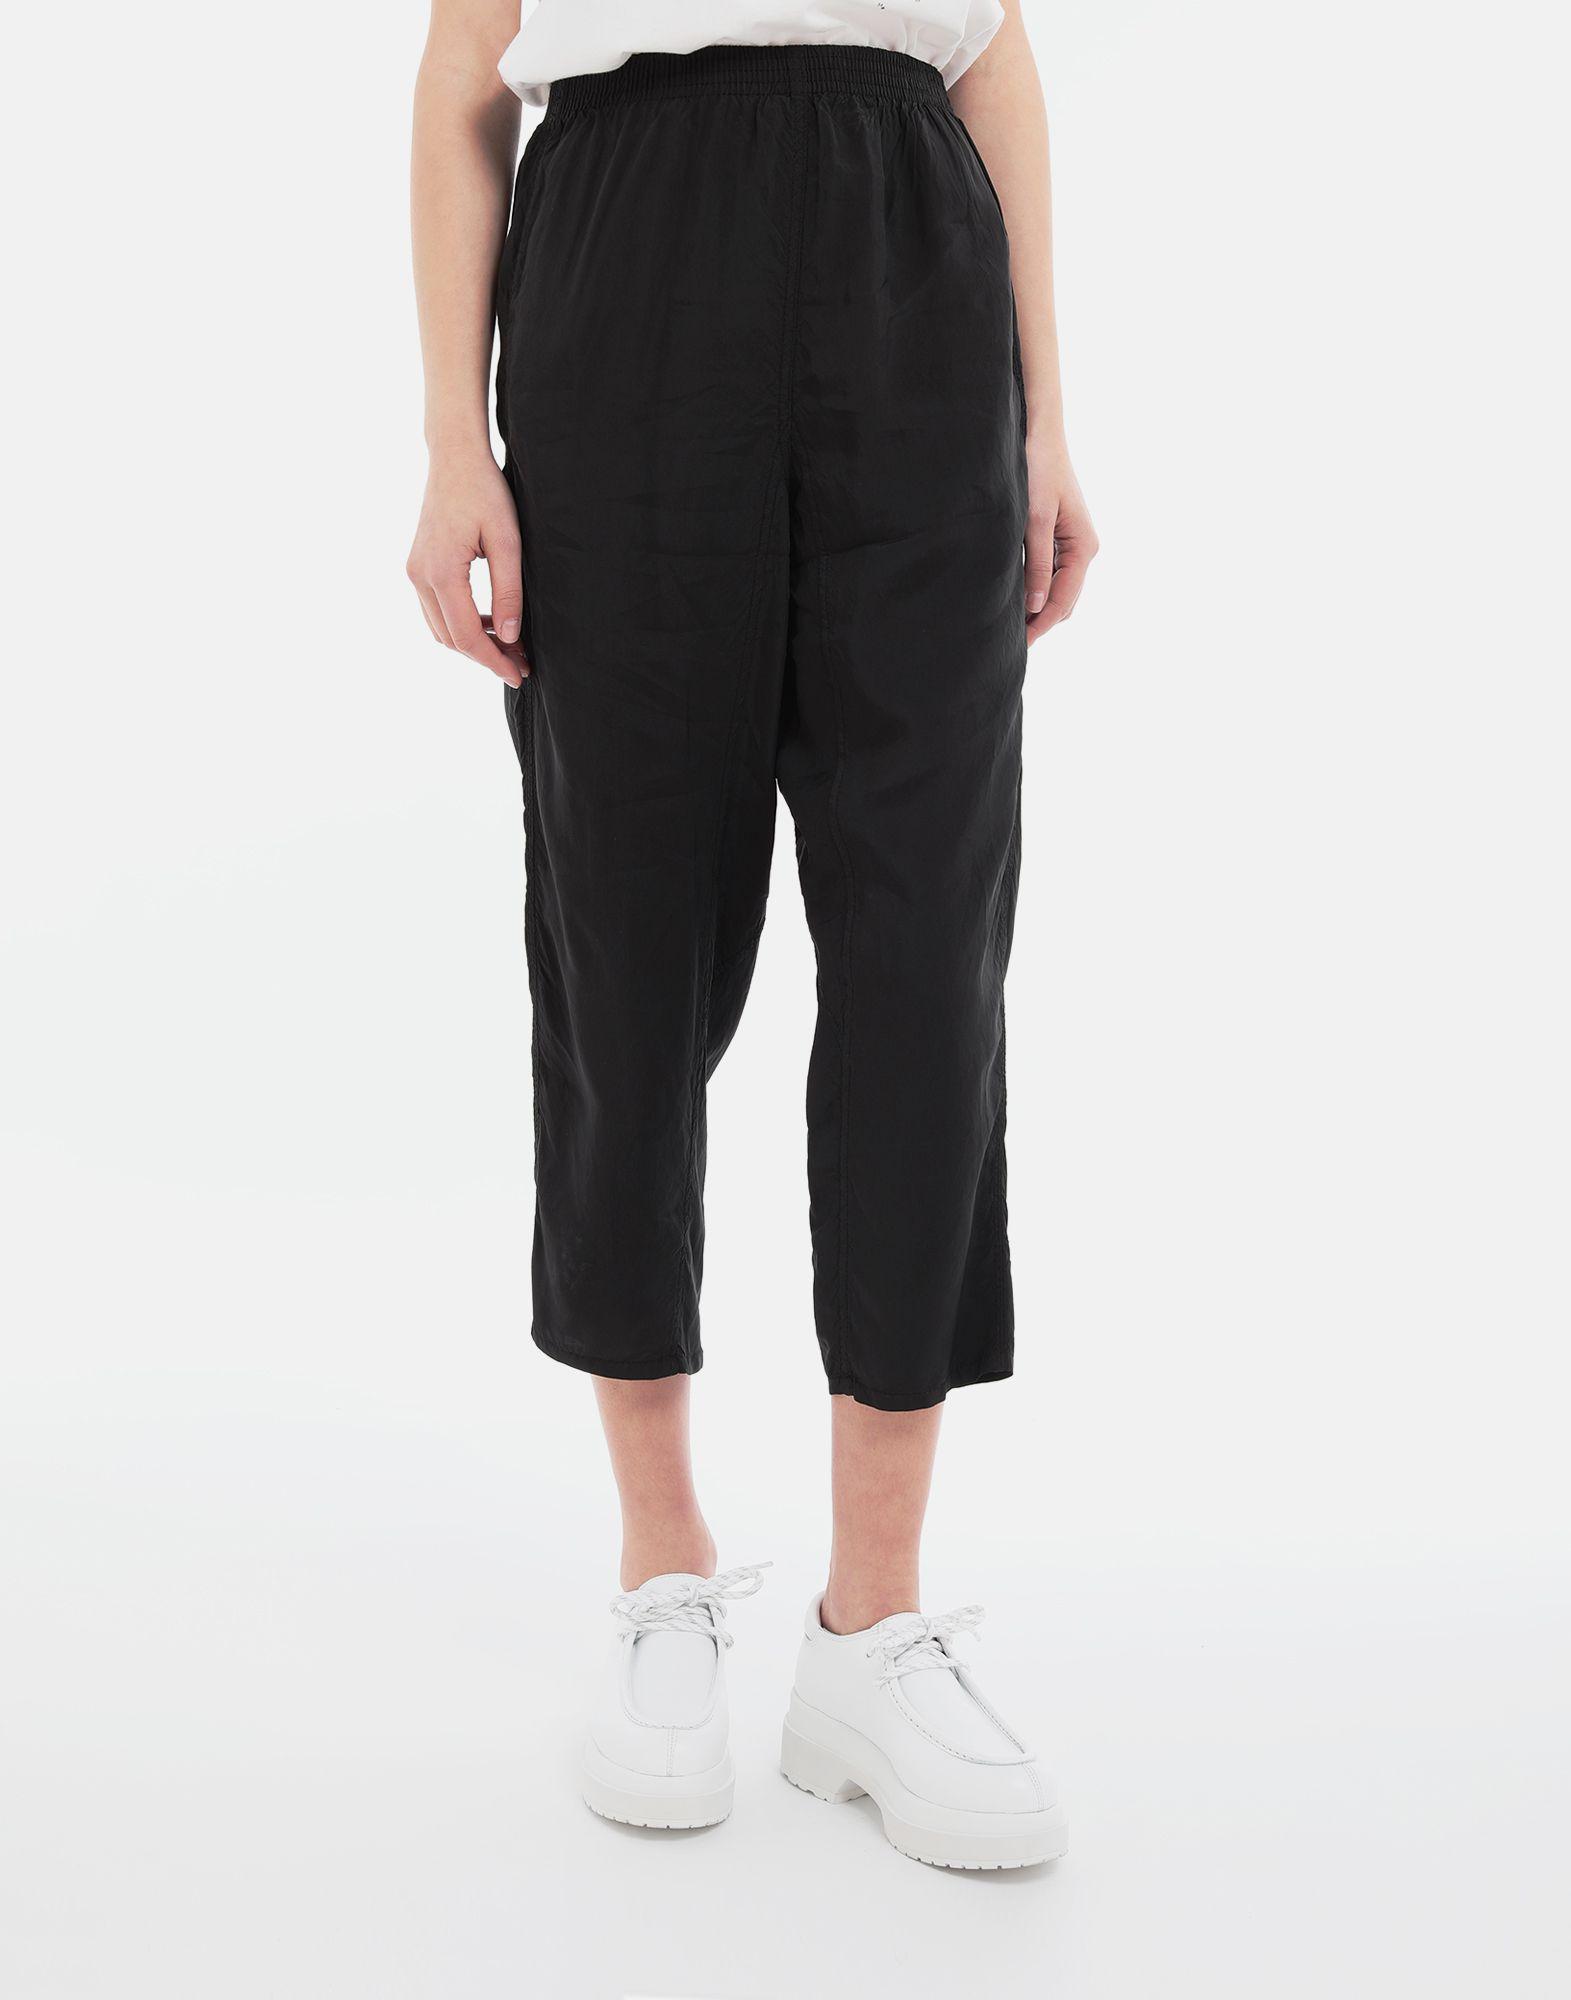 MM6 MAISON MARGIELA Casual pants Woman r